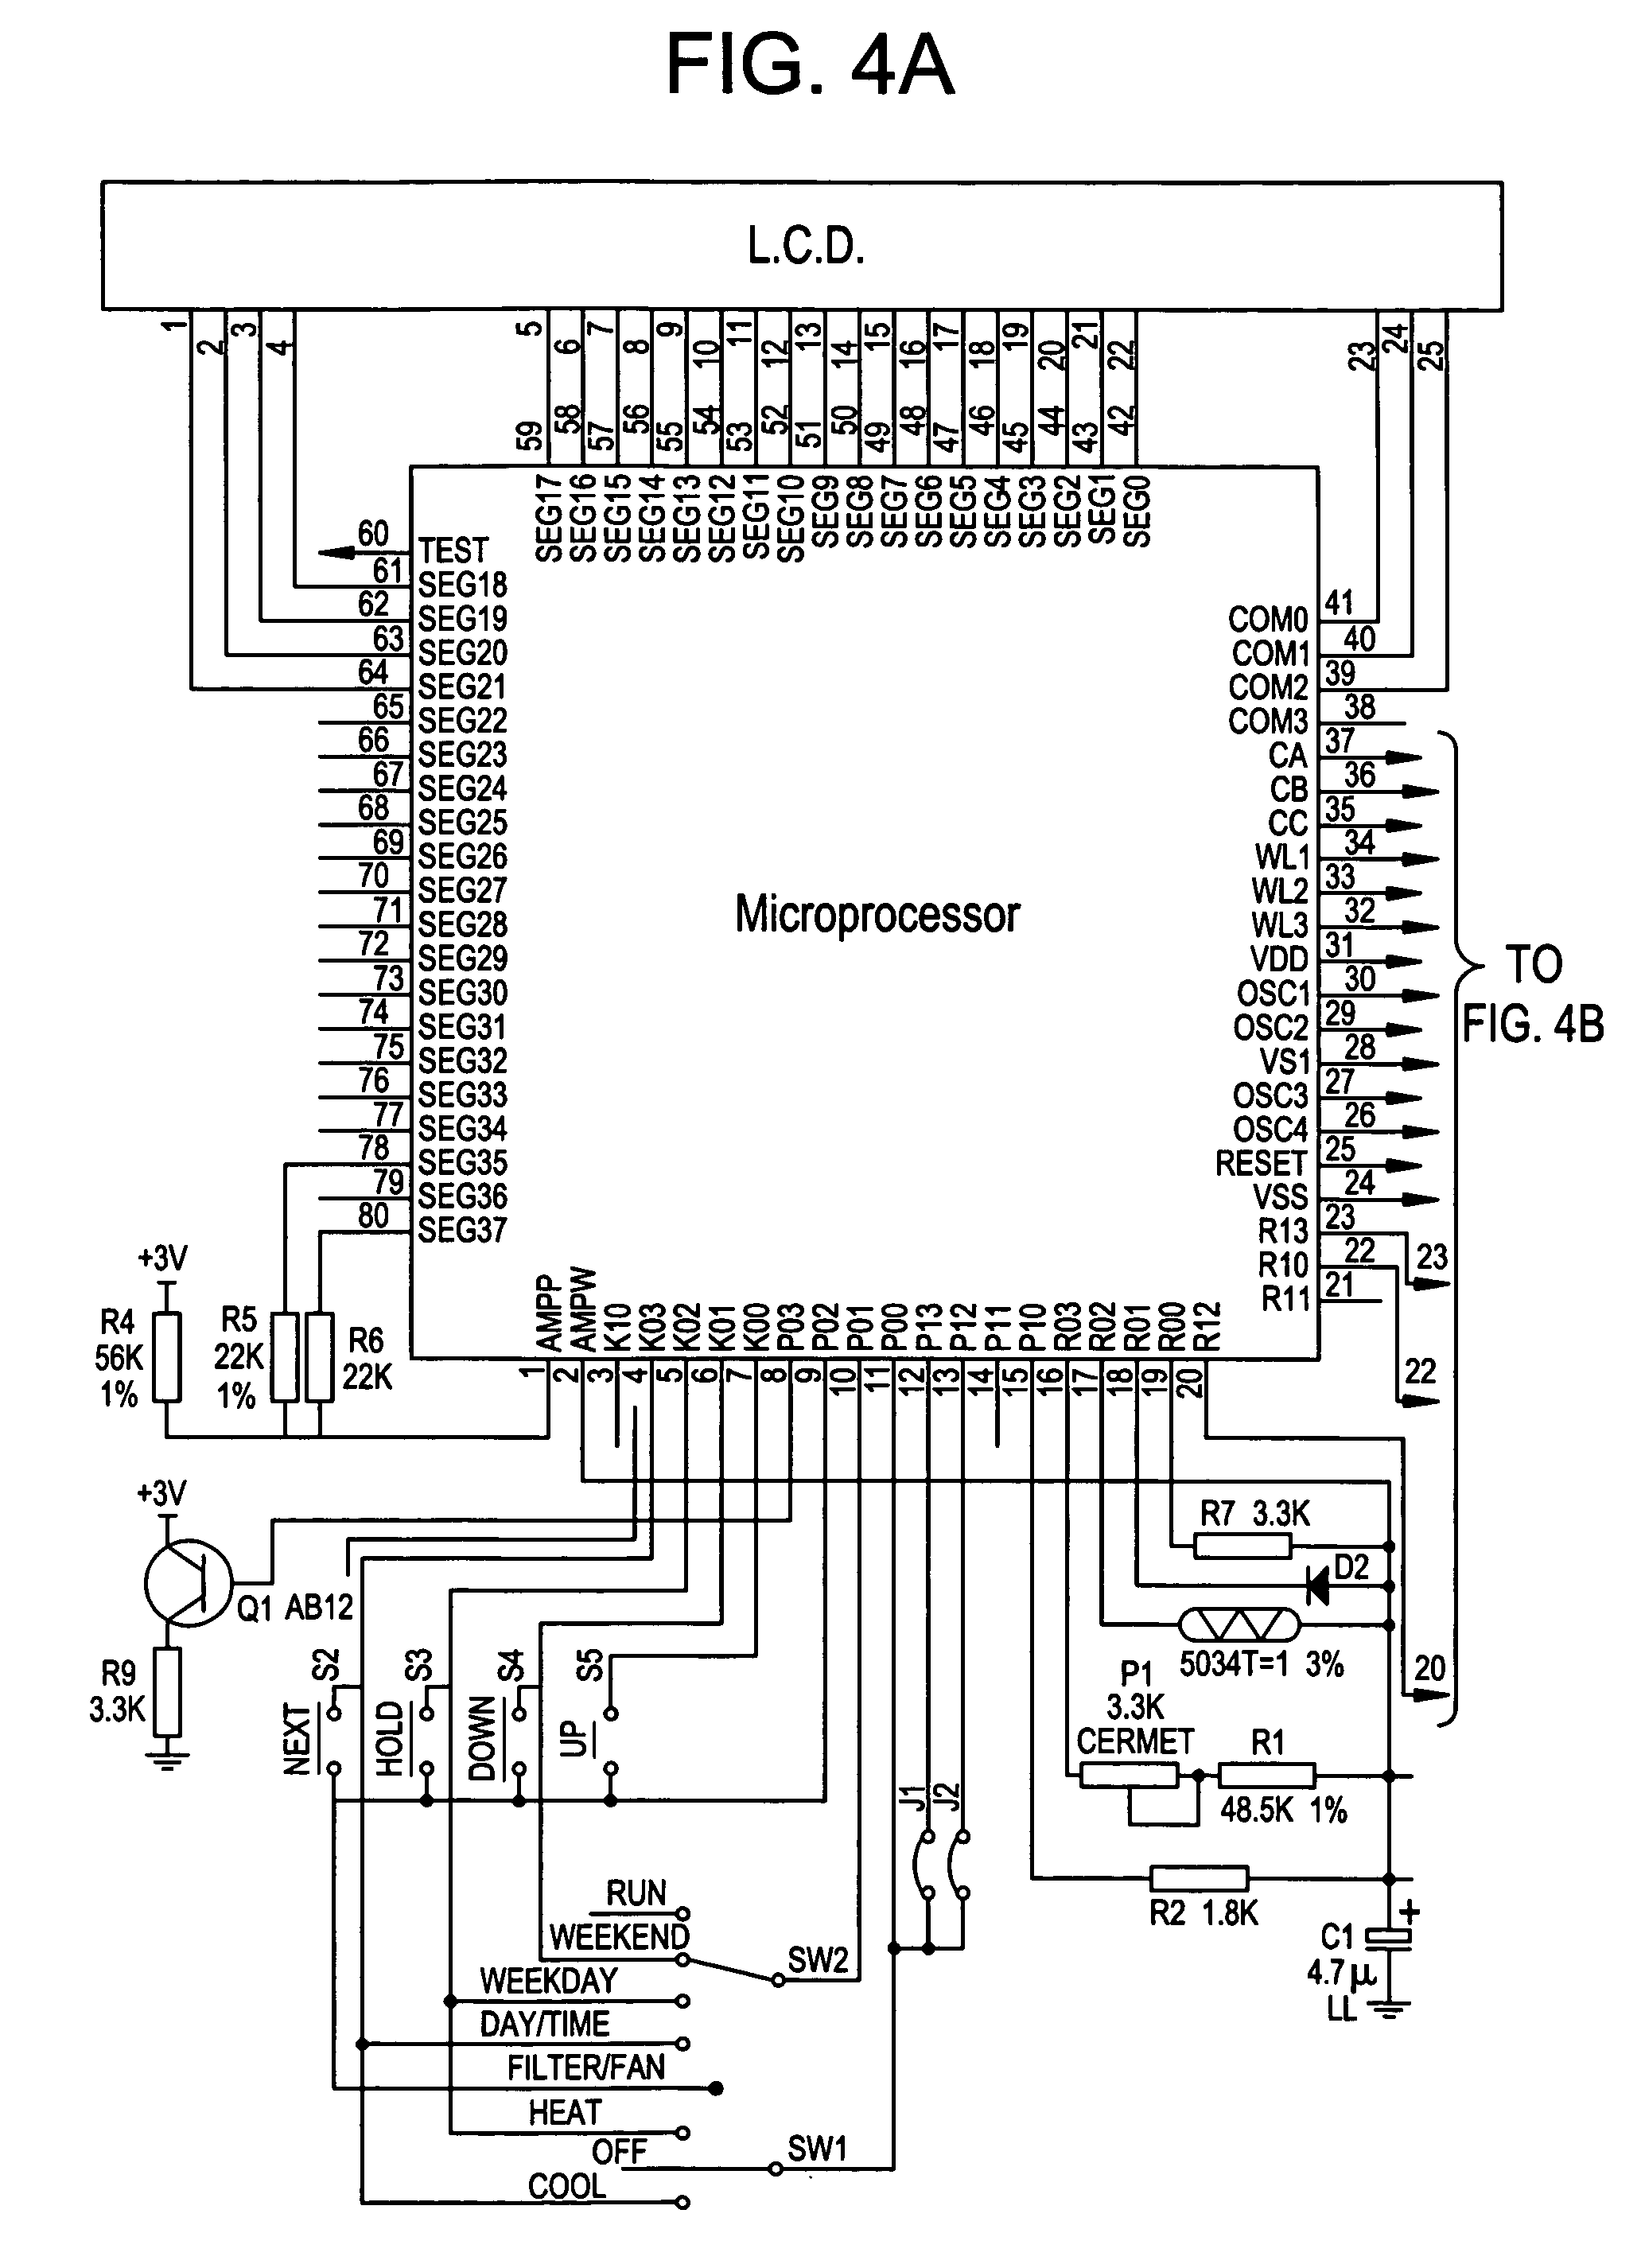 Großartig Lennox Thermostat Schaltplan Innen Fotos - Schaltplan ...